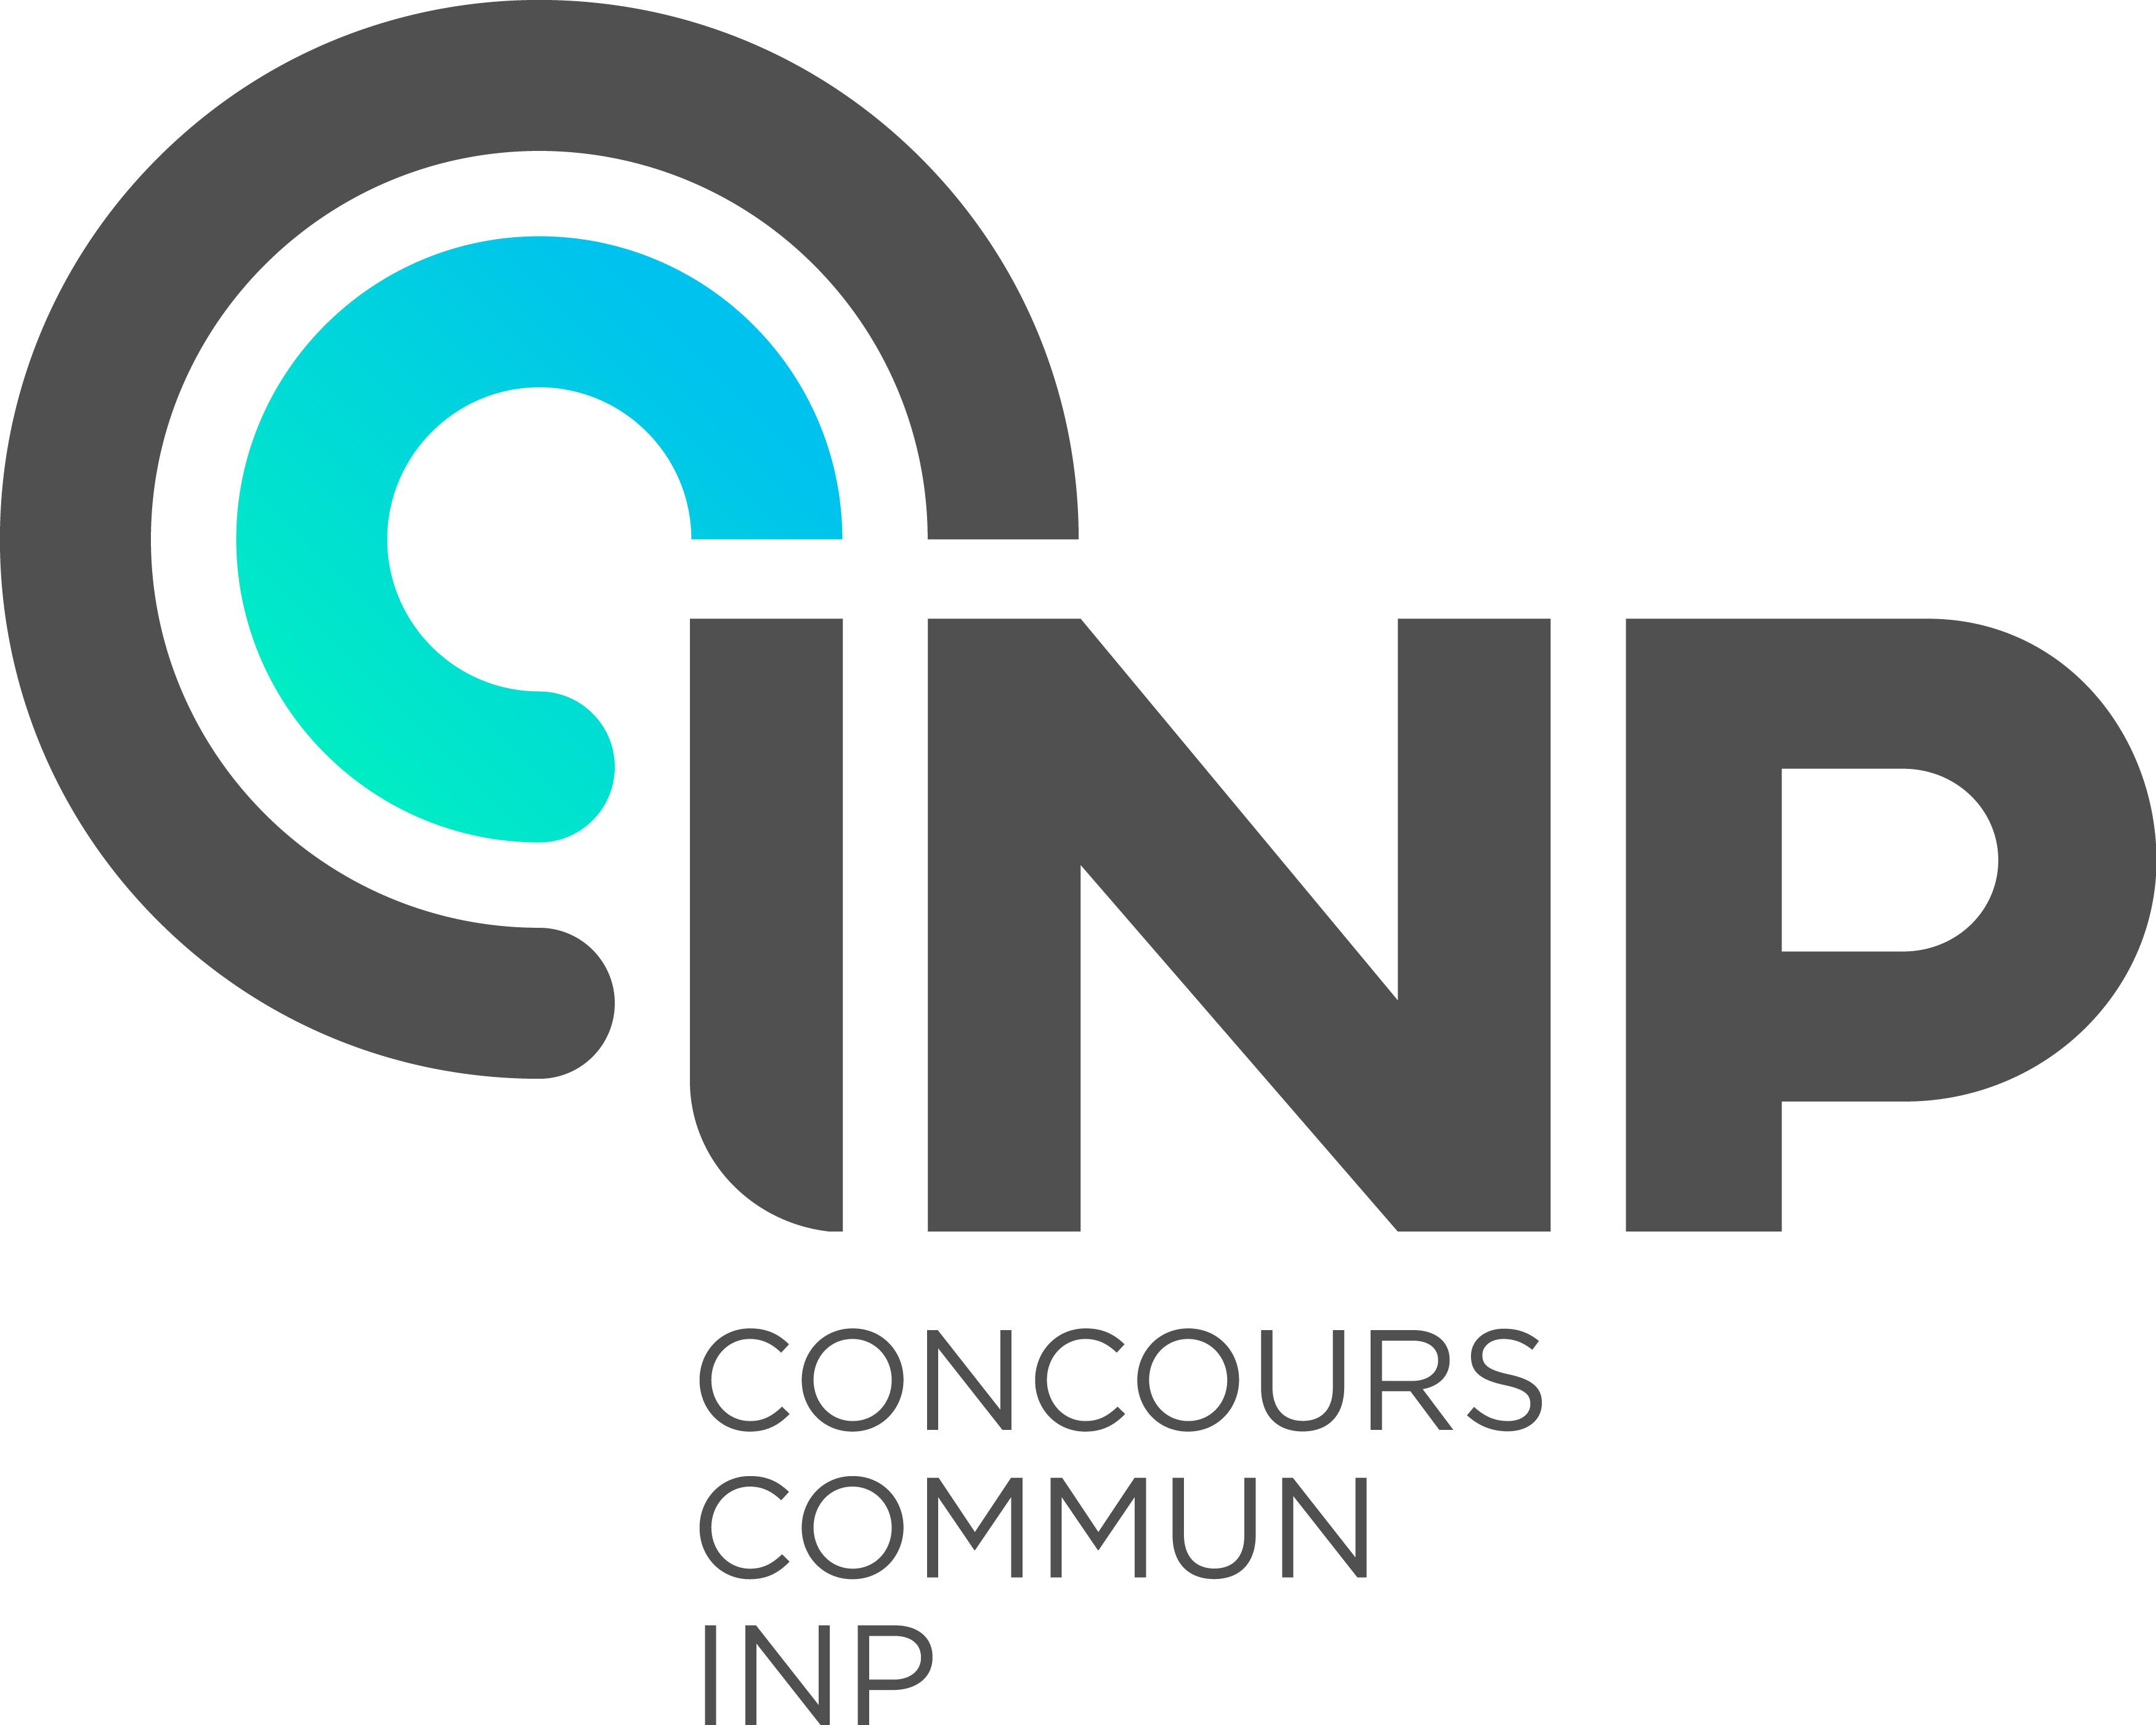 Concours Commun INP